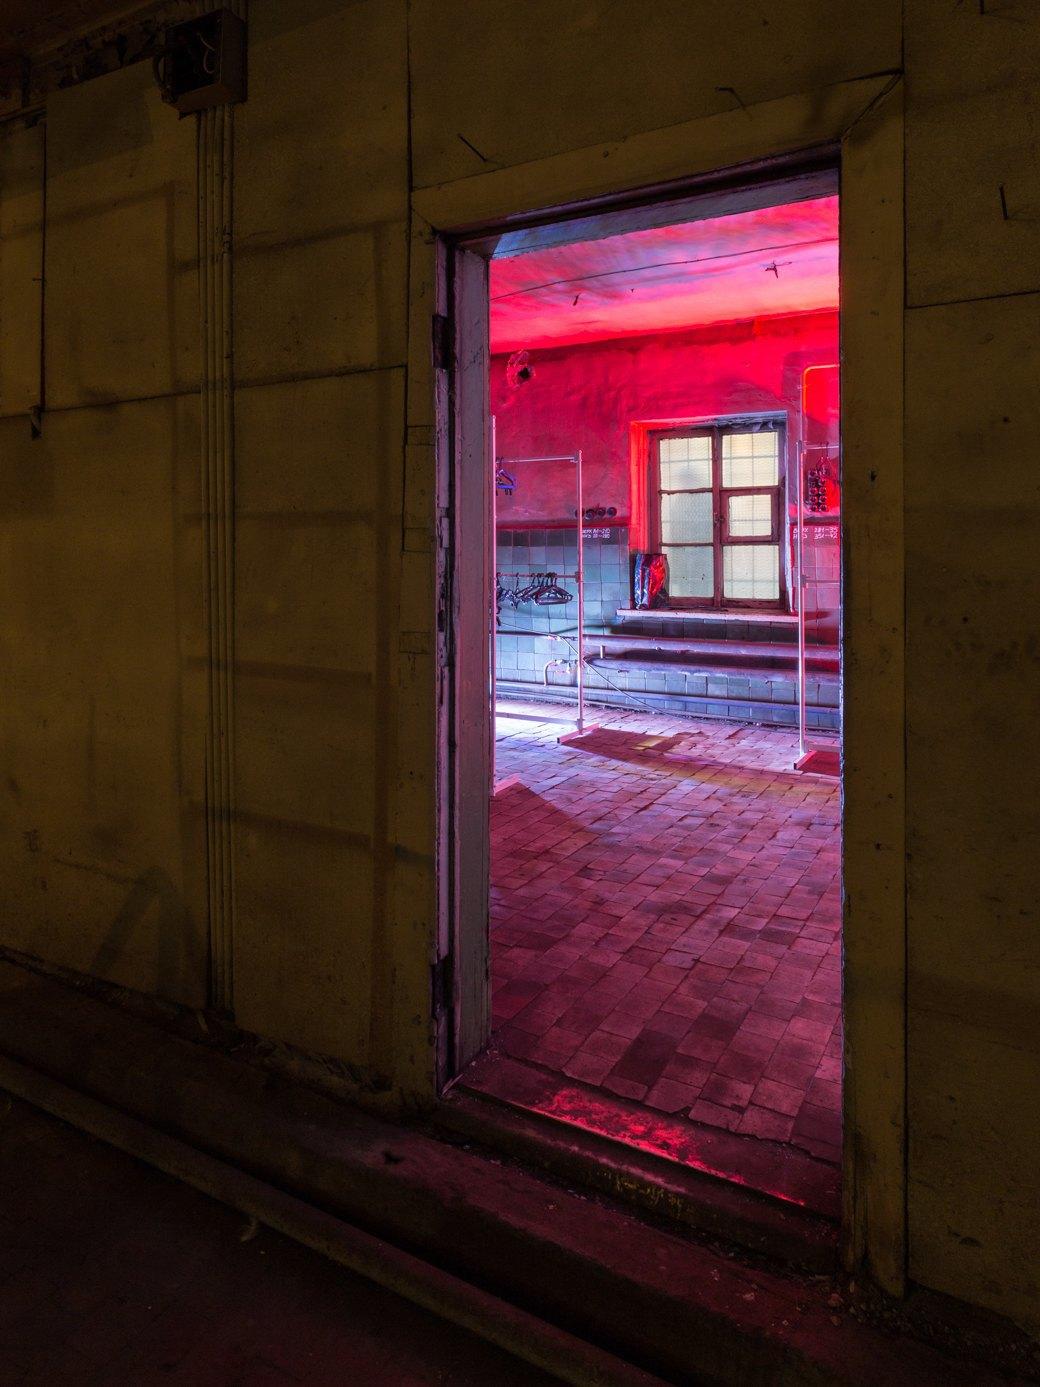 Заводы стоят: Как вПетербурге проводят рейвы впромышленных зданиях. Изображение № 5.